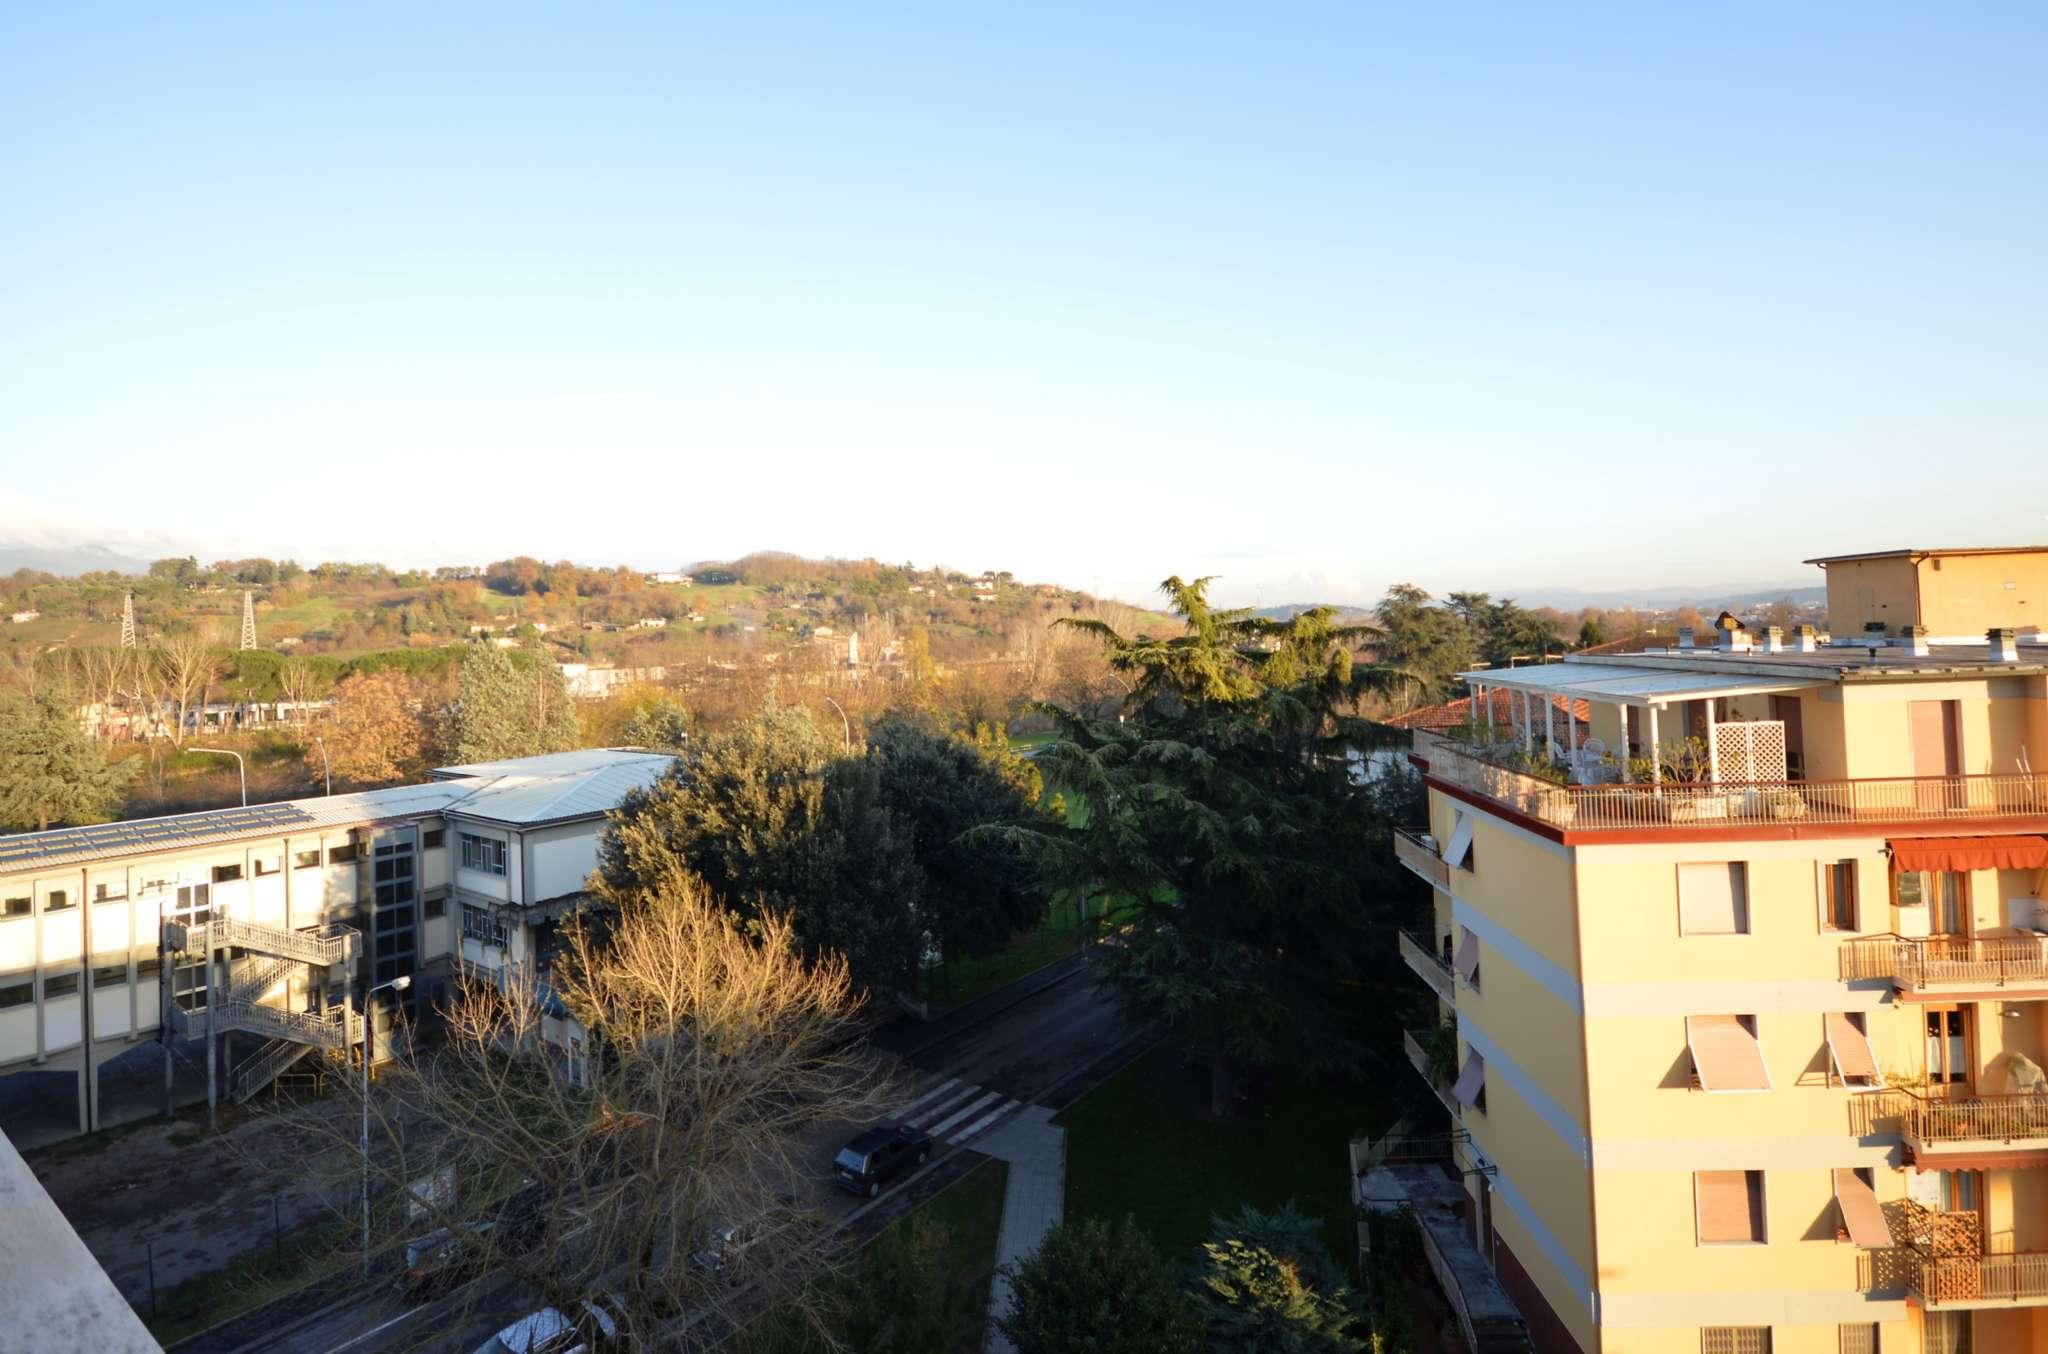 Appartamento in vendita a San Giovanni Valdarno, 4 locali, prezzo € 114.000 | CambioCasa.it